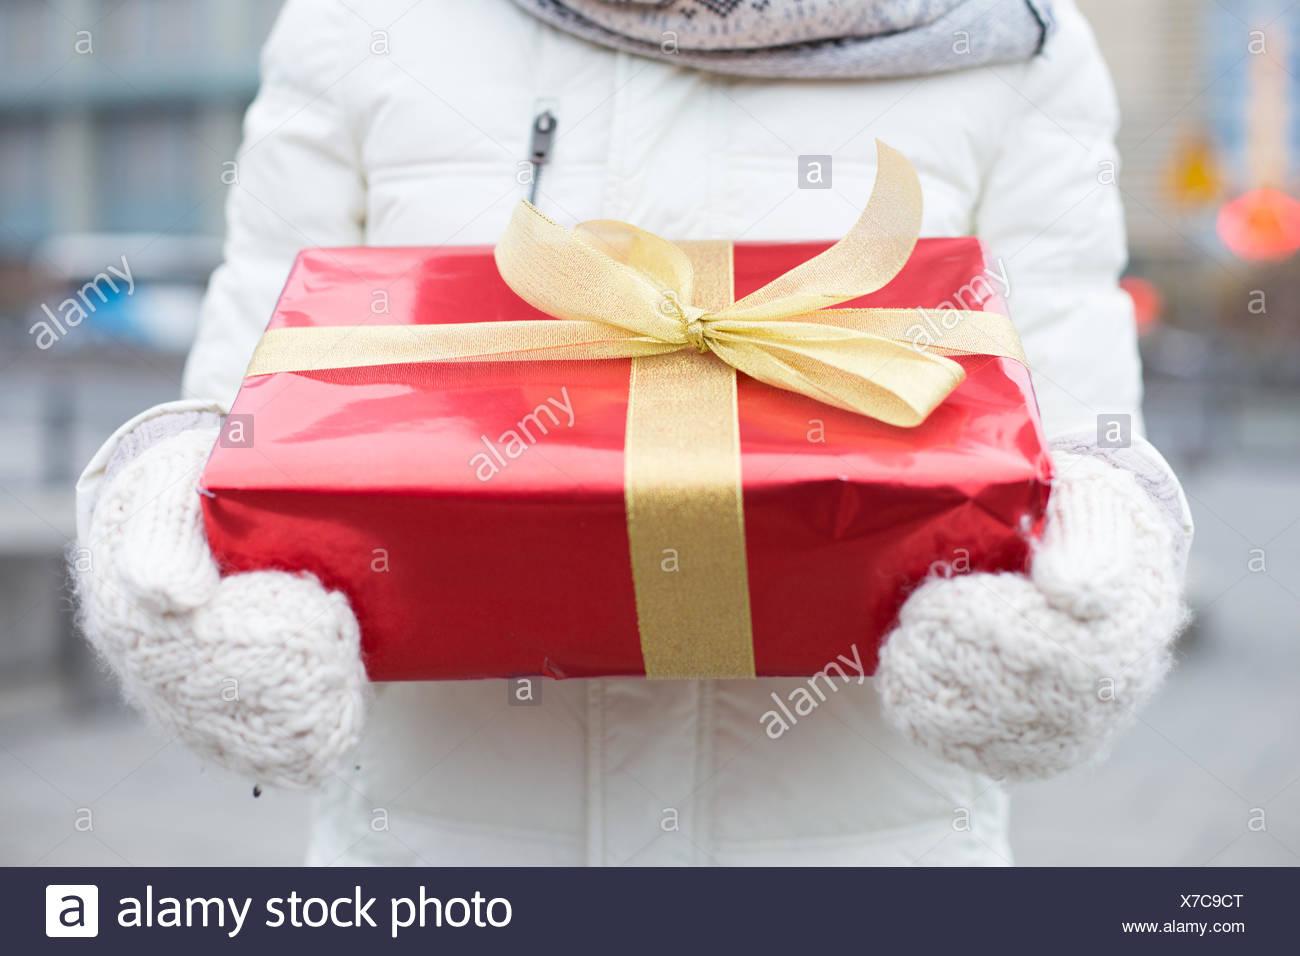 Sezione mediana della donna azienda confezione regalo inverno Immagini Stock